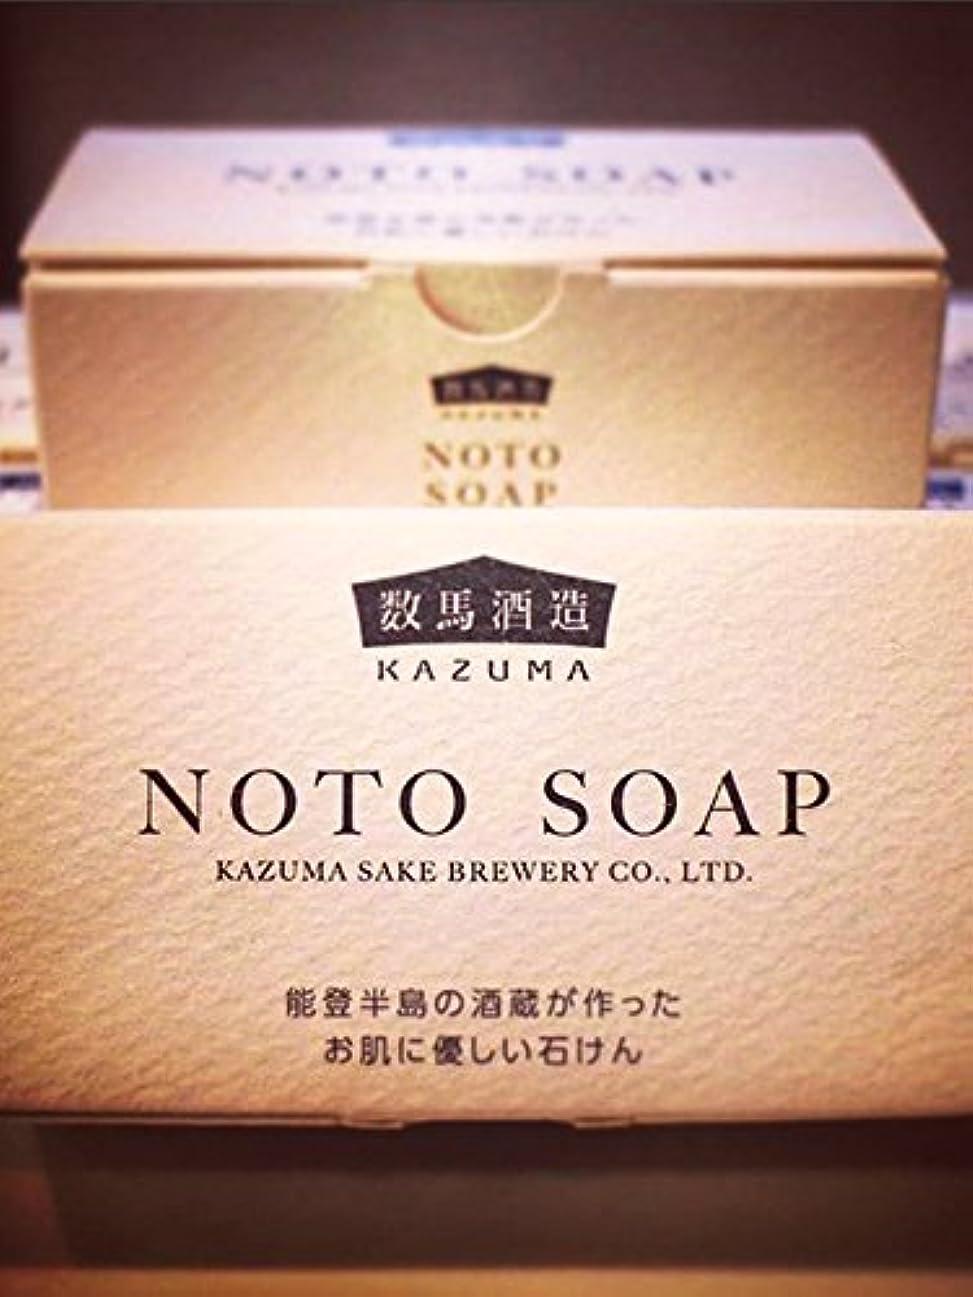 構成する無能むちゃくちゃ竹葉 NOTO SOAP 酒粕石鹸 1個80g